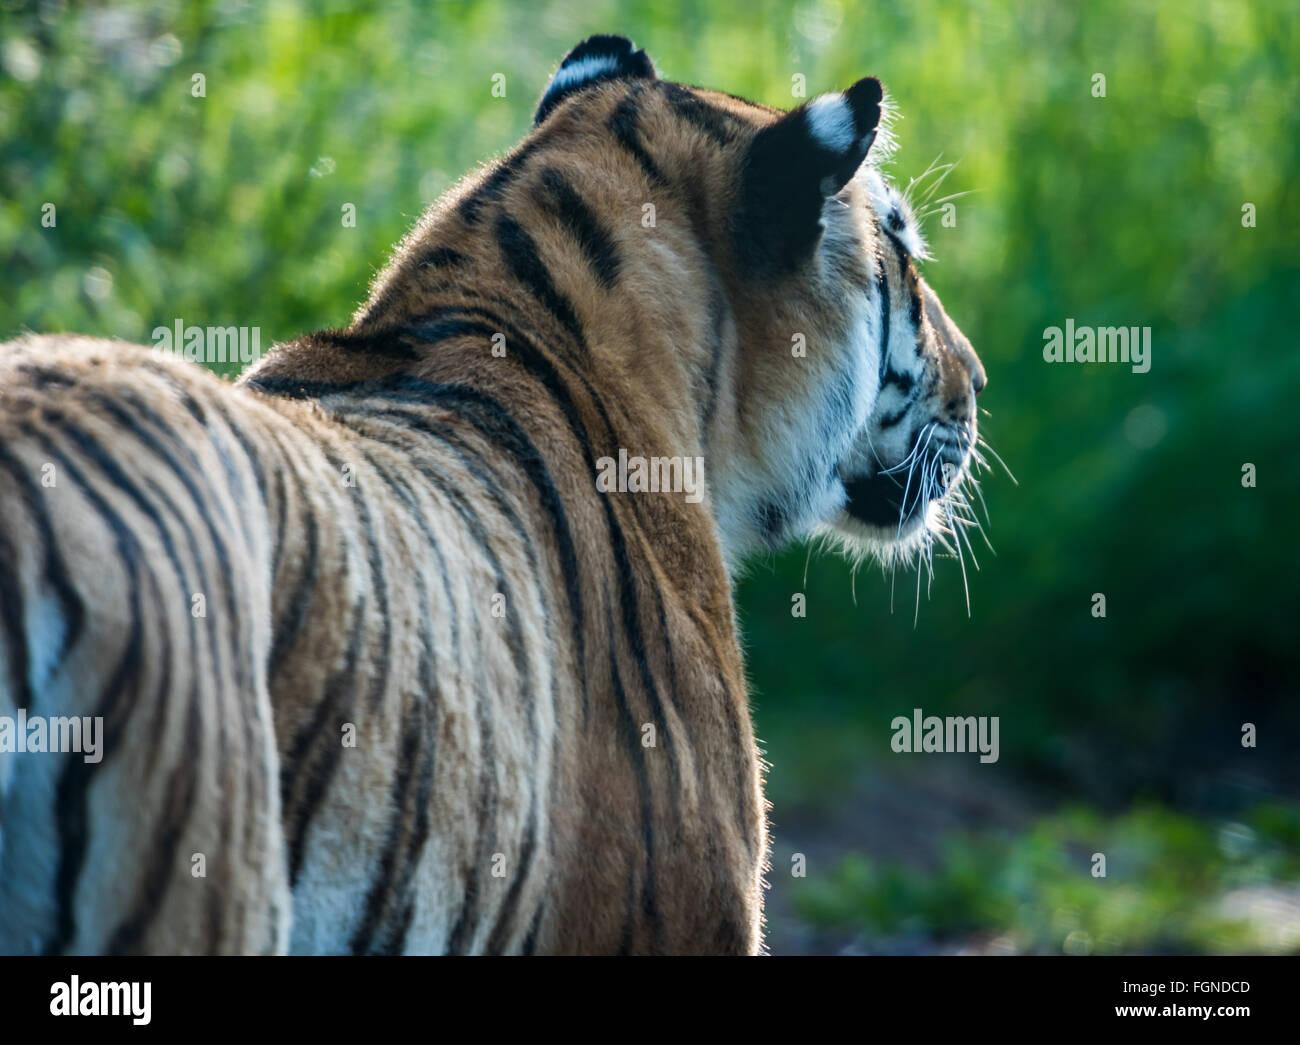 Basking tiger - Stock Image